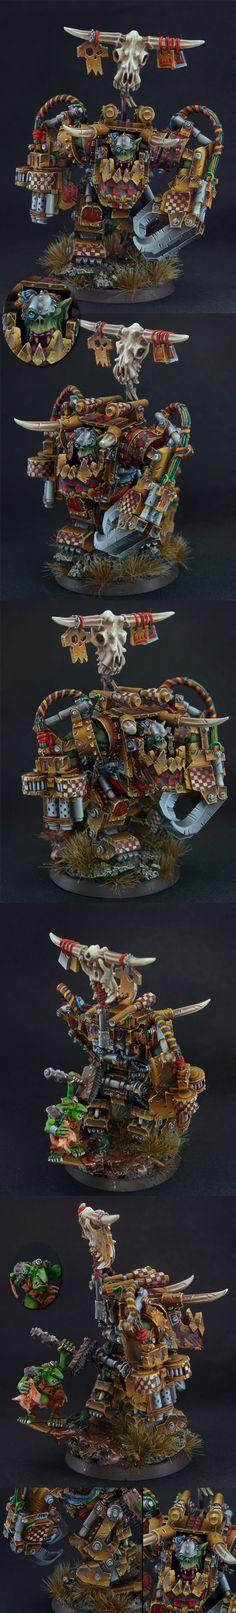 Ork Warboss Ghazghkull Thraka